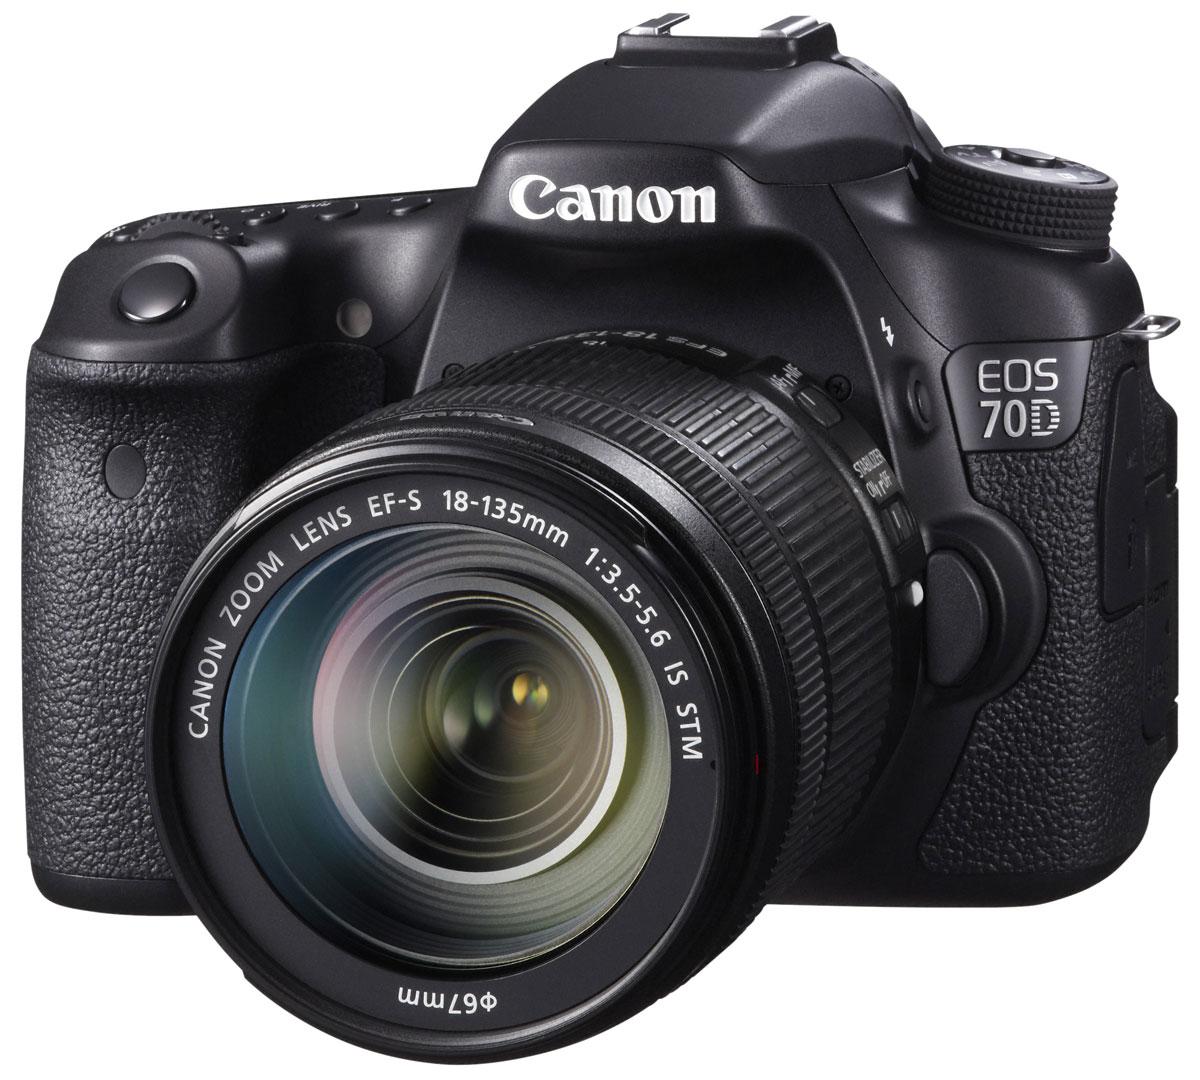 Canon EOS 70D Kit 18-135 IS STM цифровая зеркальная фотокамера8469B018Сохраняйте важные моменты жизни, делая потрясающие снимки или видеозаписи в формате Full HD с помощью высокопроизводительной камеры Canon EOS 70D со скоростью съемки 7 кадров/с при полном разрешении, усовершенствованной 19-точечной системой автофокусировки и уникальной технологией двухпиксельного CMOS-автофокуса компании Canon. CMOS-датчик с 20,2 млн. пикселей и процессор DIGIC 5+: Высокопроизводительная камера EOS 70D оснащена CMOS-датчиком APS-C с 20,2 млн. пикселей и мощным процессором обработки изображения DIGIC 5+, что позволяет получать безупречно четкие 14-битные изображения и передавать мельчайшие детали. Естественность цветопередачи дополнена плавностью переходов полутонов. Поймайте момент: Получать превосходные фотографии быстро перемещающихся объектов (как, например, в спорте или дикой природе) теперь просто благодаря использованию серийной съемки со скоростью 7 кадров/с при полном разрешении и высокопроизводительной...